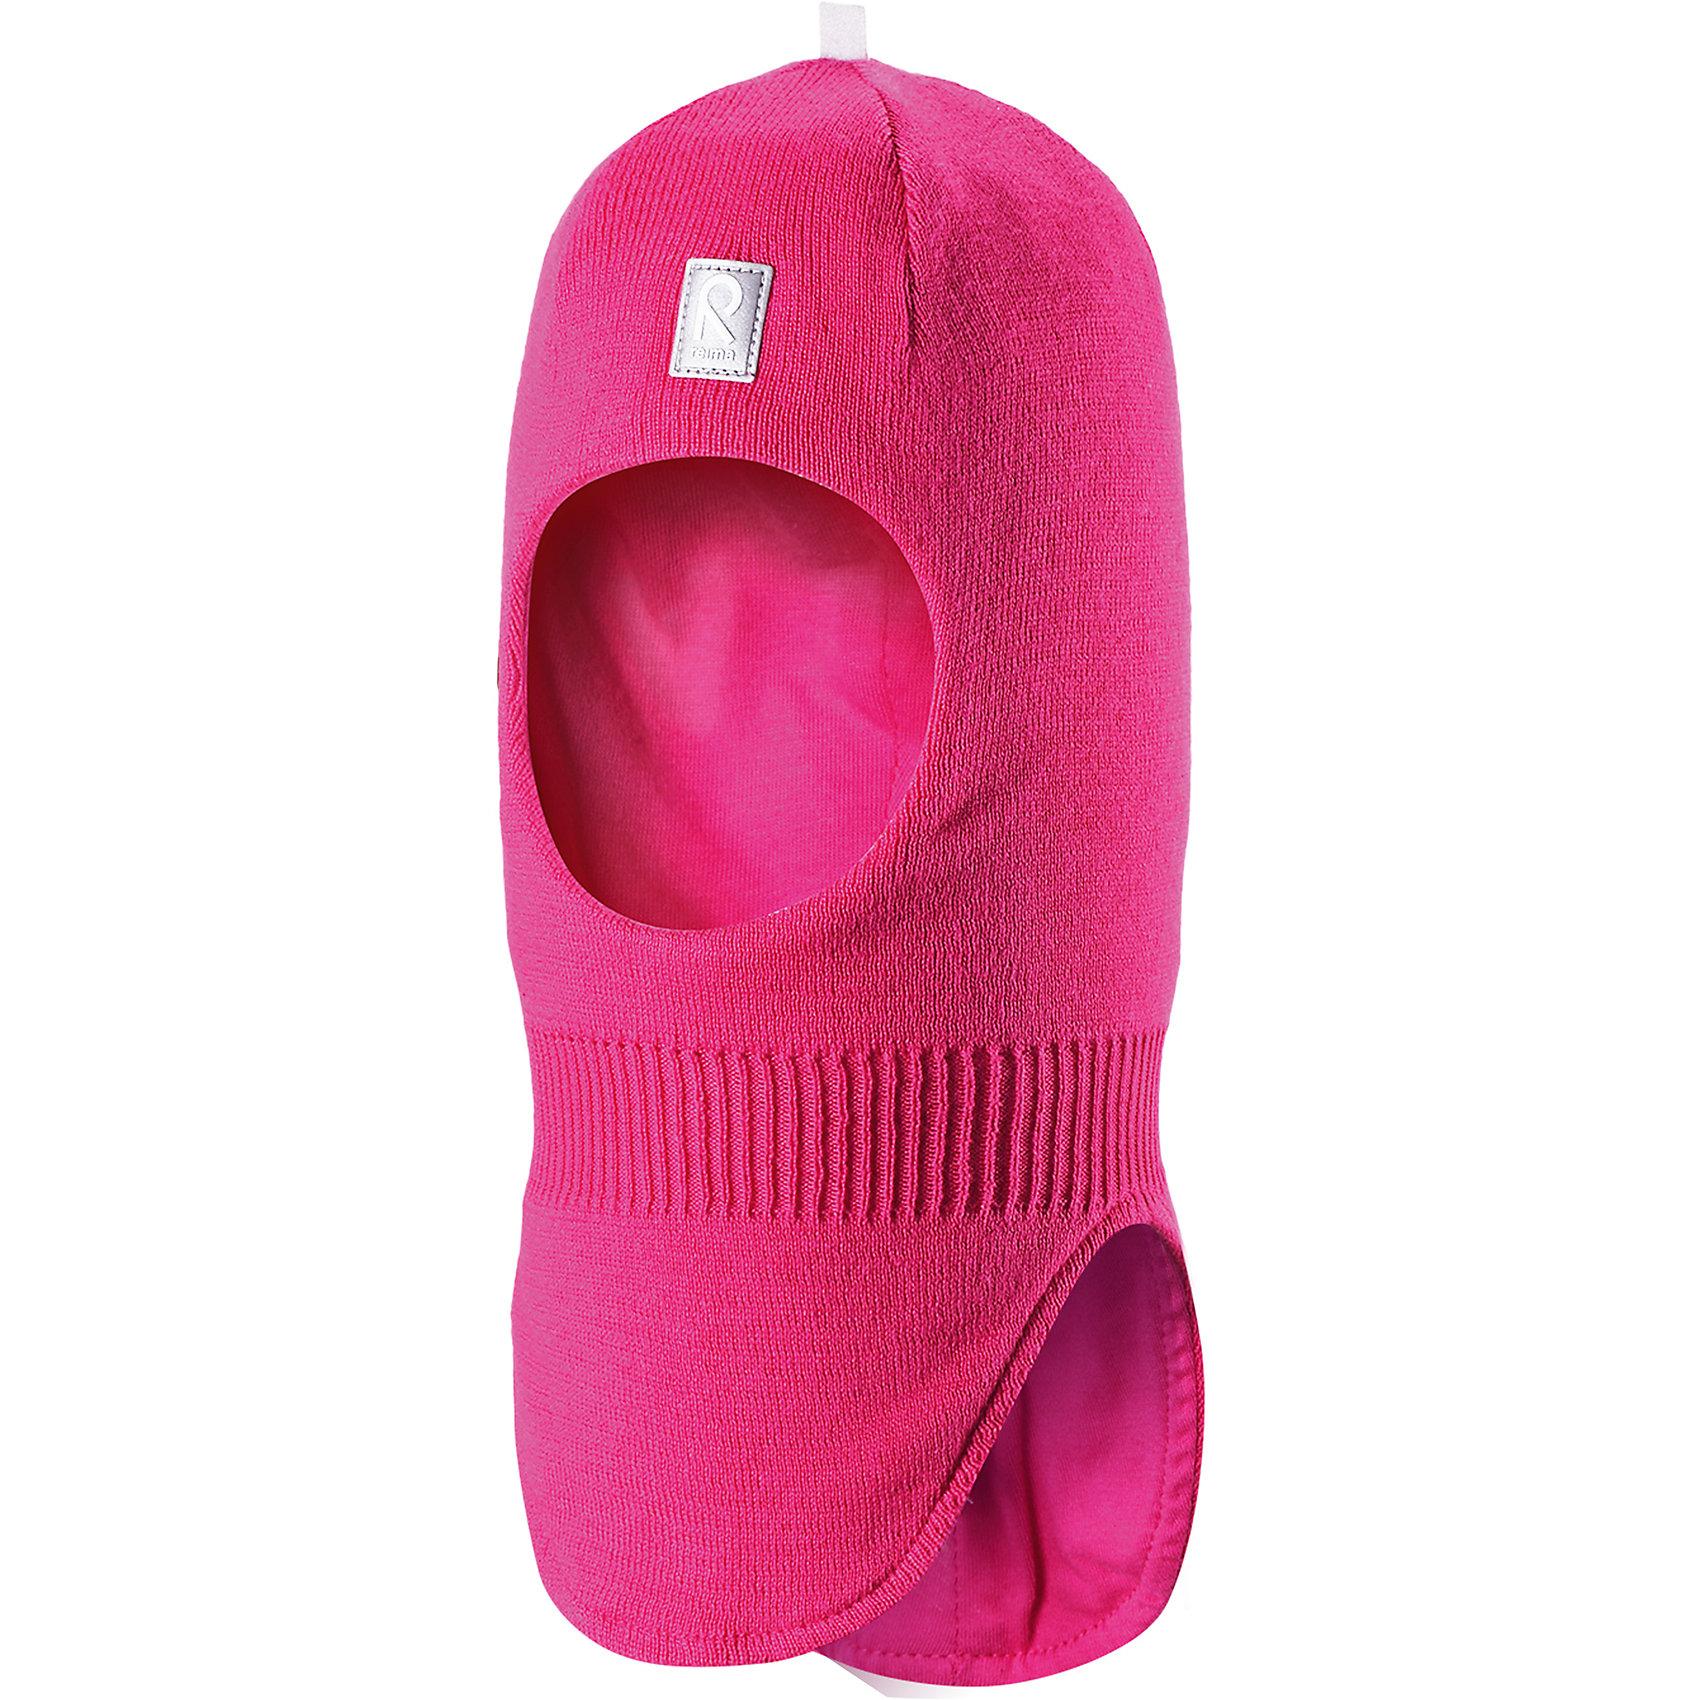 Шапка-шлем Ades для девочки ReimaШапки и шарфы<br>Характеристики товара:<br><br>• цвет: фуксия<br>• состав: 100% хлопок<br>• сплошная подкладка из хлопкового трикотажа<br>• температурный режим: от -5С до +10С<br>• эластичный хлопковый трикотаж<br>• изделие сертифицированно по стандарту Oeko-Tex на продукцию класса 1 - одежда для новорождённых<br>• эмблема Reima спереди<br>• светоотражающие детали<br>• страна бренда: Финляндия<br>• страна производства: Китай<br><br>Детский головной убор может быть модным и удобным одновременно. Стильная шапка-шлем поможет обеспечить ребенку комфорт и дополнить наряд. Шапка удобно сидит и аккуратно выглядит. Проста в уходе, долго служит. Стильный дизайн разрабатывался специально для детей. Отличная защита от дождя и ветра!<br><br>Уход:<br><br>• стирать по отдельности, вывернув наизнанку<br>• придать первоначальную форму вo влажном виде<br>• возможна усадка 5 %.<br><br>Шапку-шлем от финского бренда Reima (Рейма) можно купить в нашем интернет-магазине.<br><br>Ширина мм: 89<br>Глубина мм: 117<br>Высота мм: 44<br>Вес г: 155<br>Цвет: розовый<br>Возраст от месяцев: 6<br>Возраст до месяцев: 9<br>Пол: Женский<br>Возраст: Детский<br>Размер: 46,52,50,48<br>SKU: 5271070